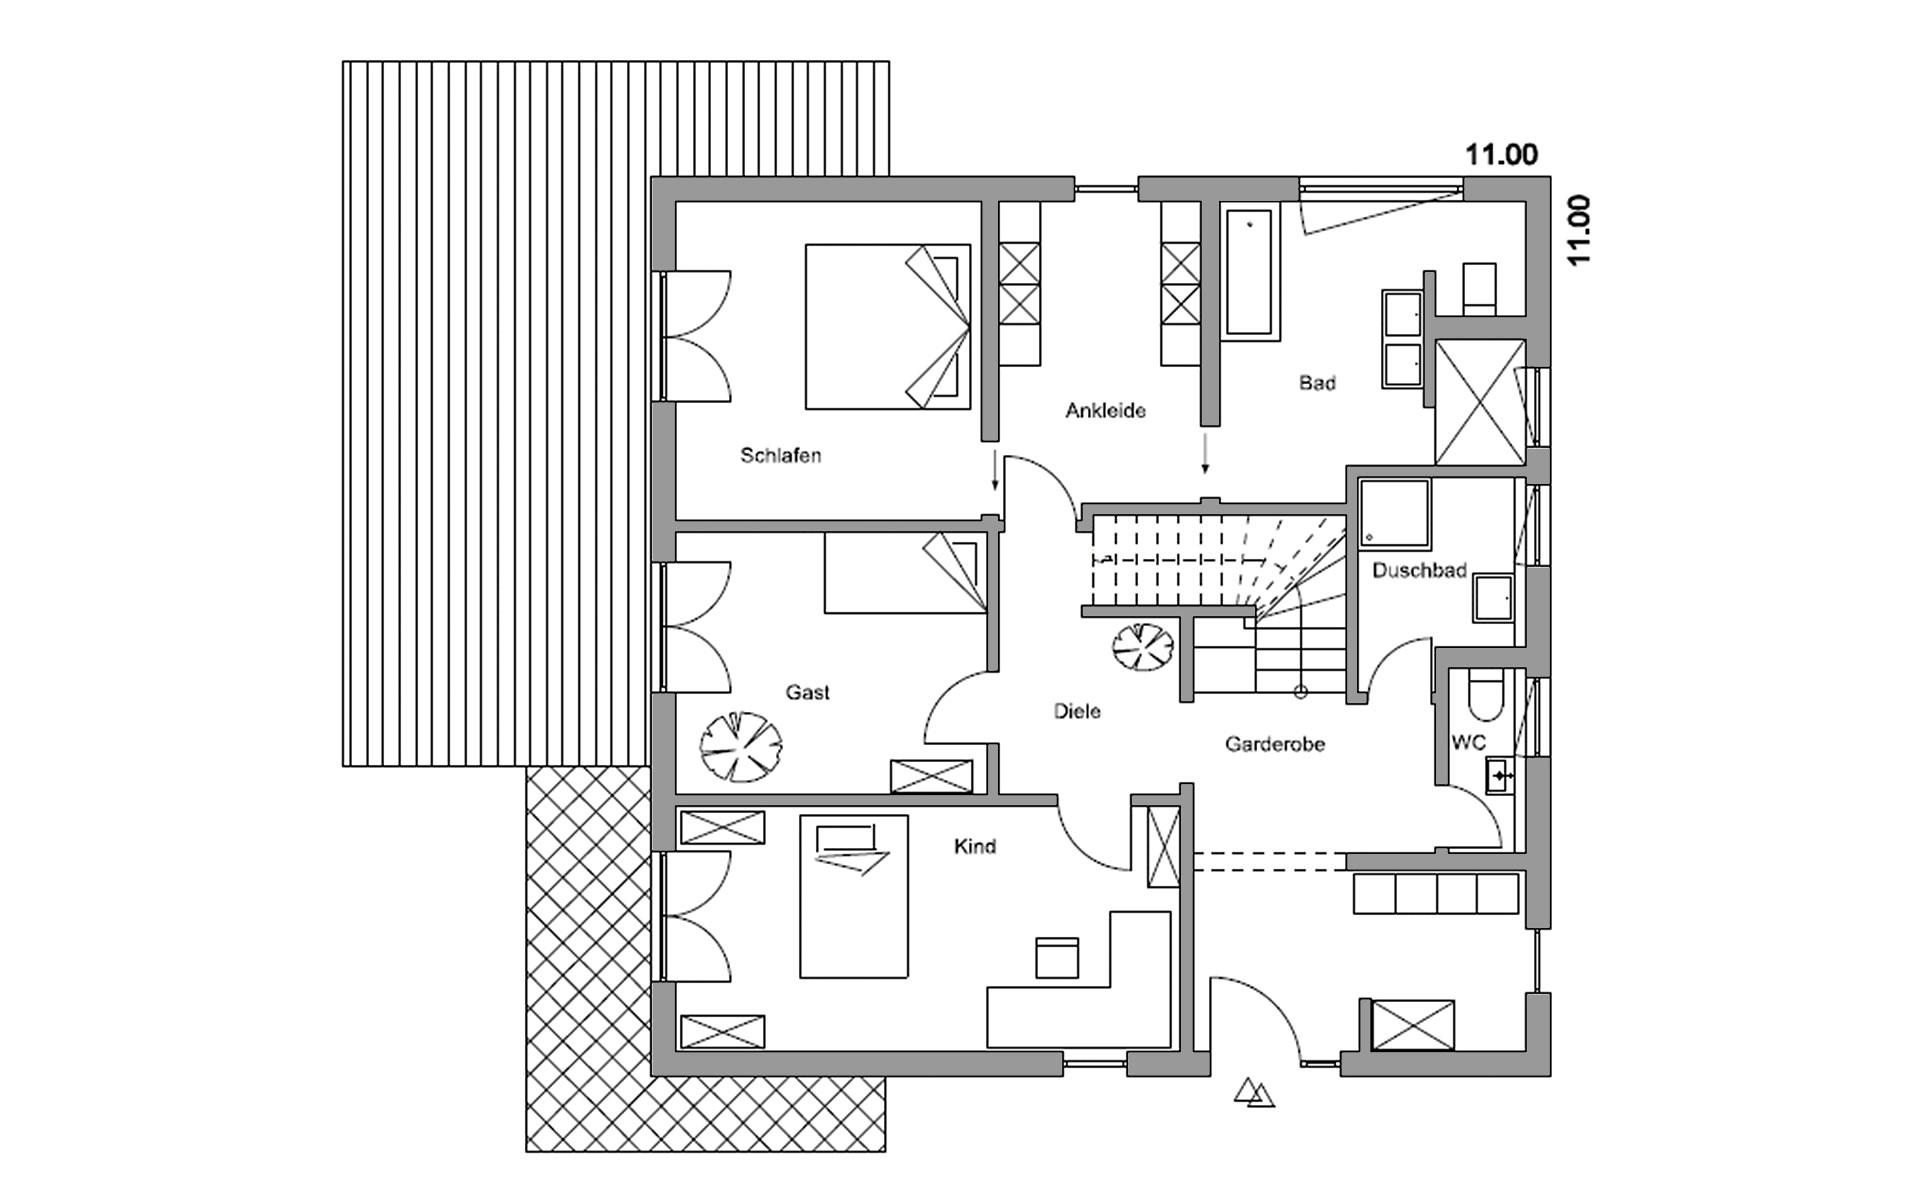 Erdgeschoss Herrsching von Regnauer Hausbau GmbH & Co. KG